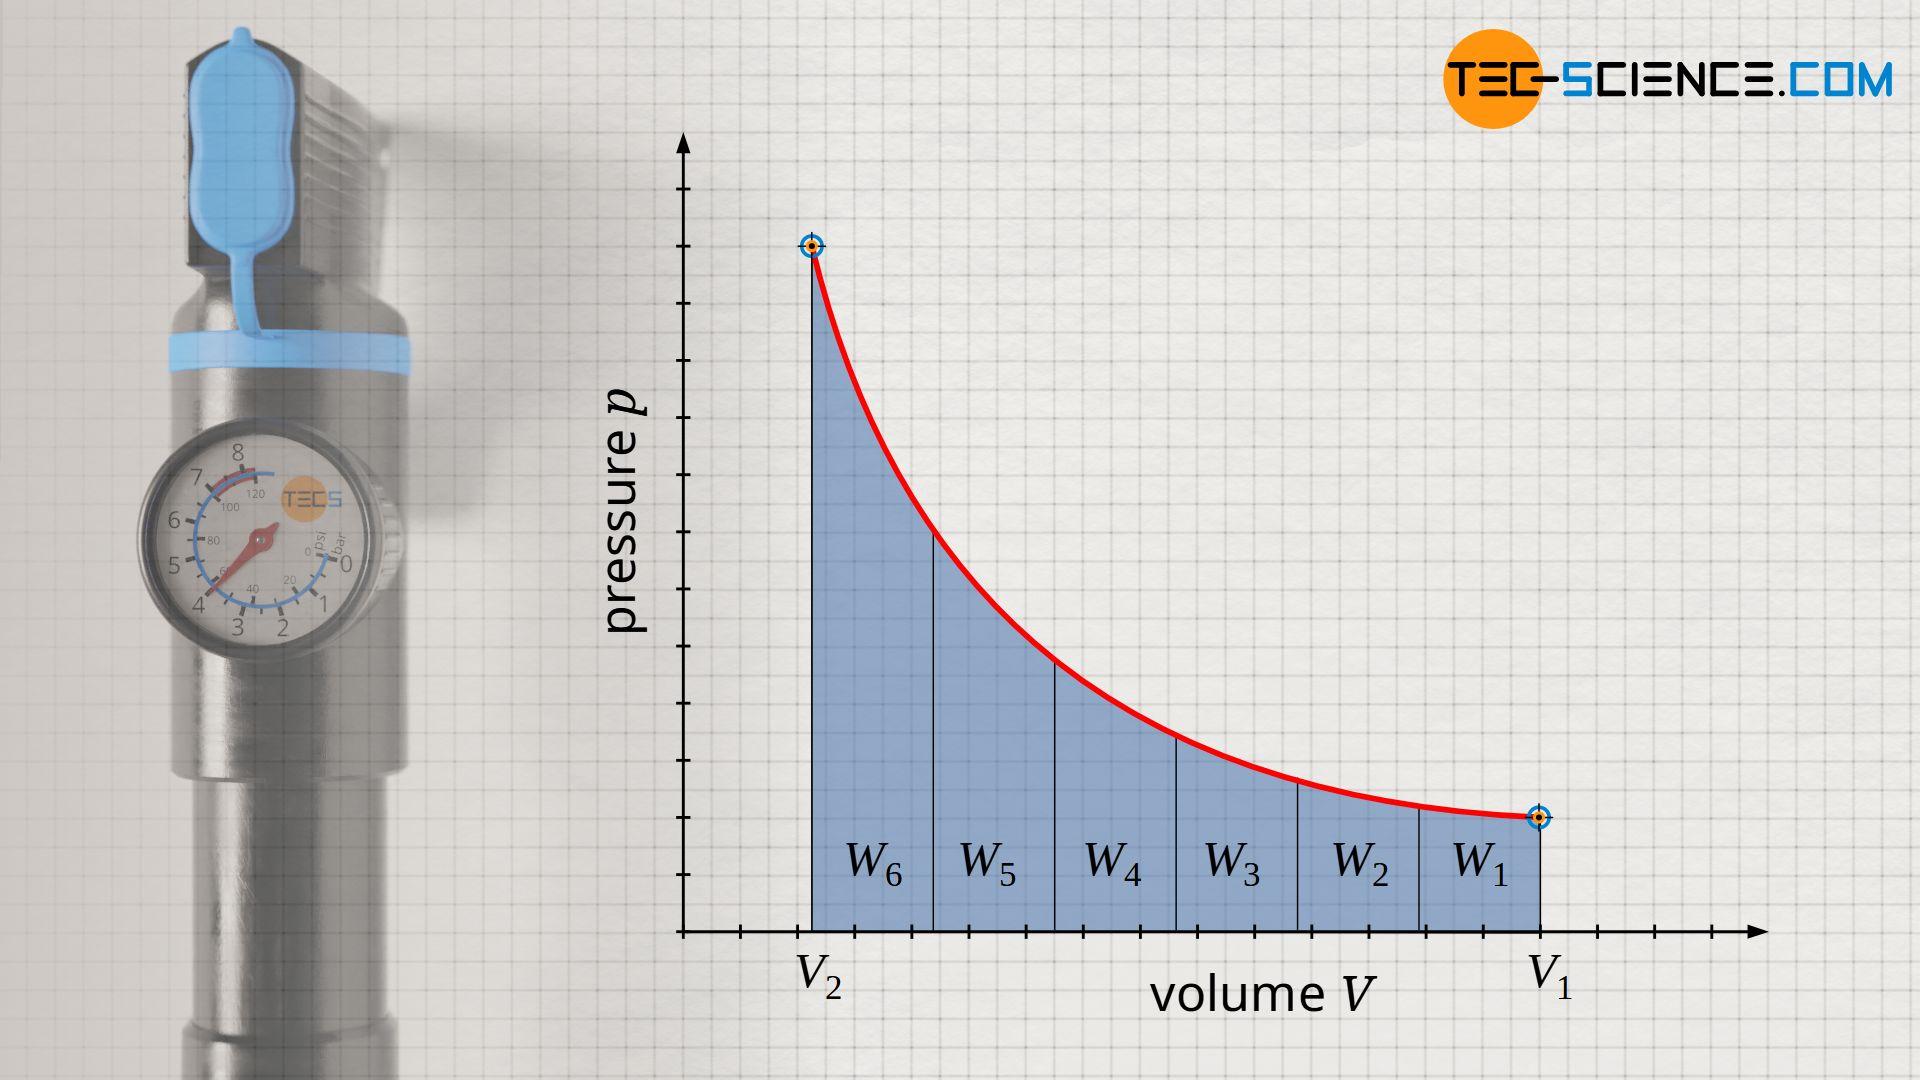 Increase in pressure-volume work with decreasing volume